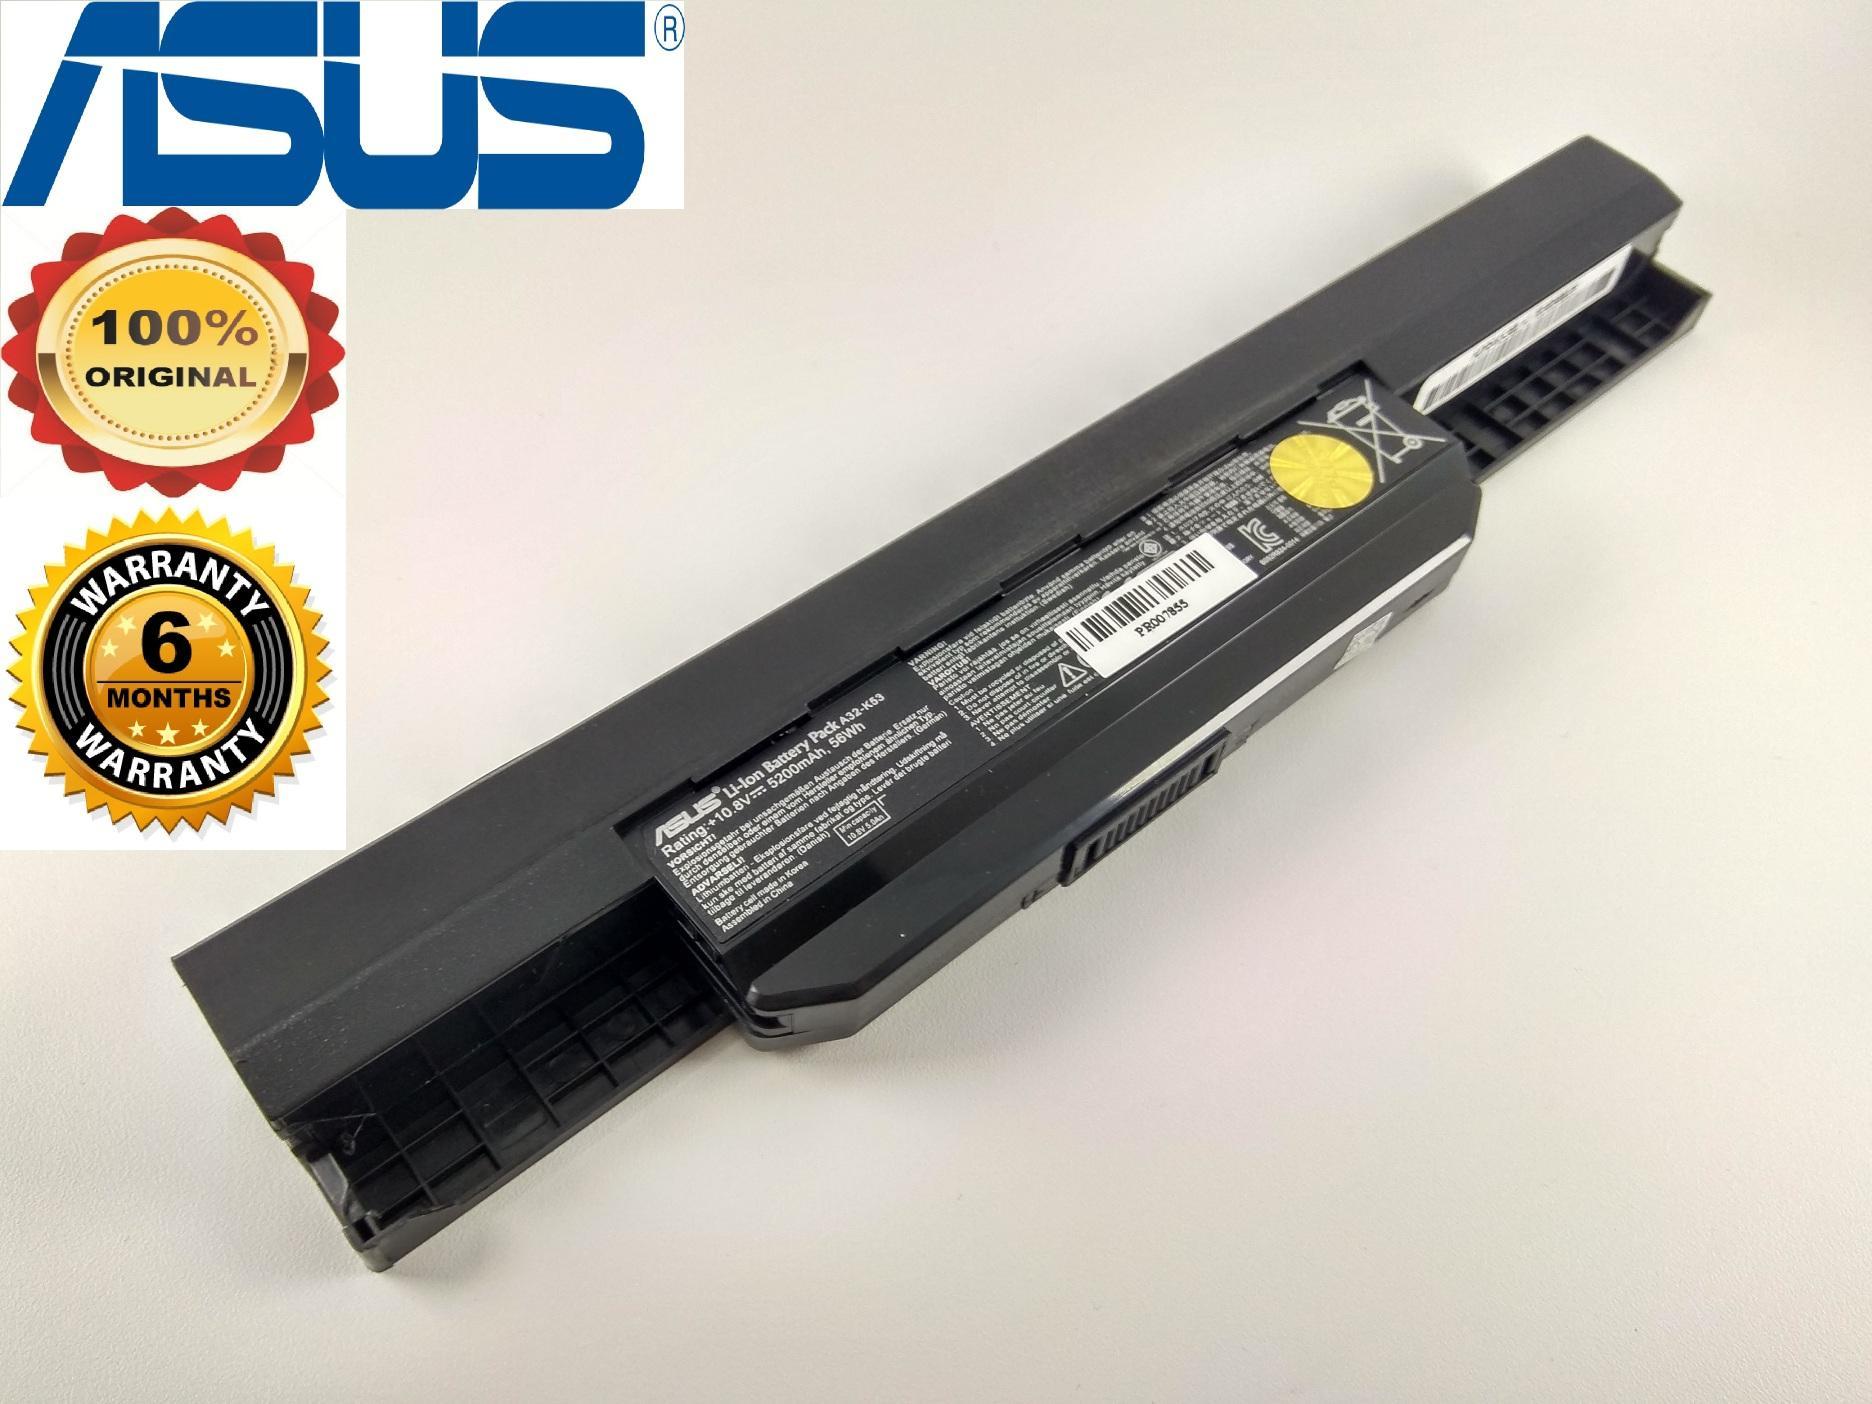 Asus Baterai Original A43 A53 K43 K53 X43 A32 K53 A42 K53 X44H K43S K53U X44L SPECIAL